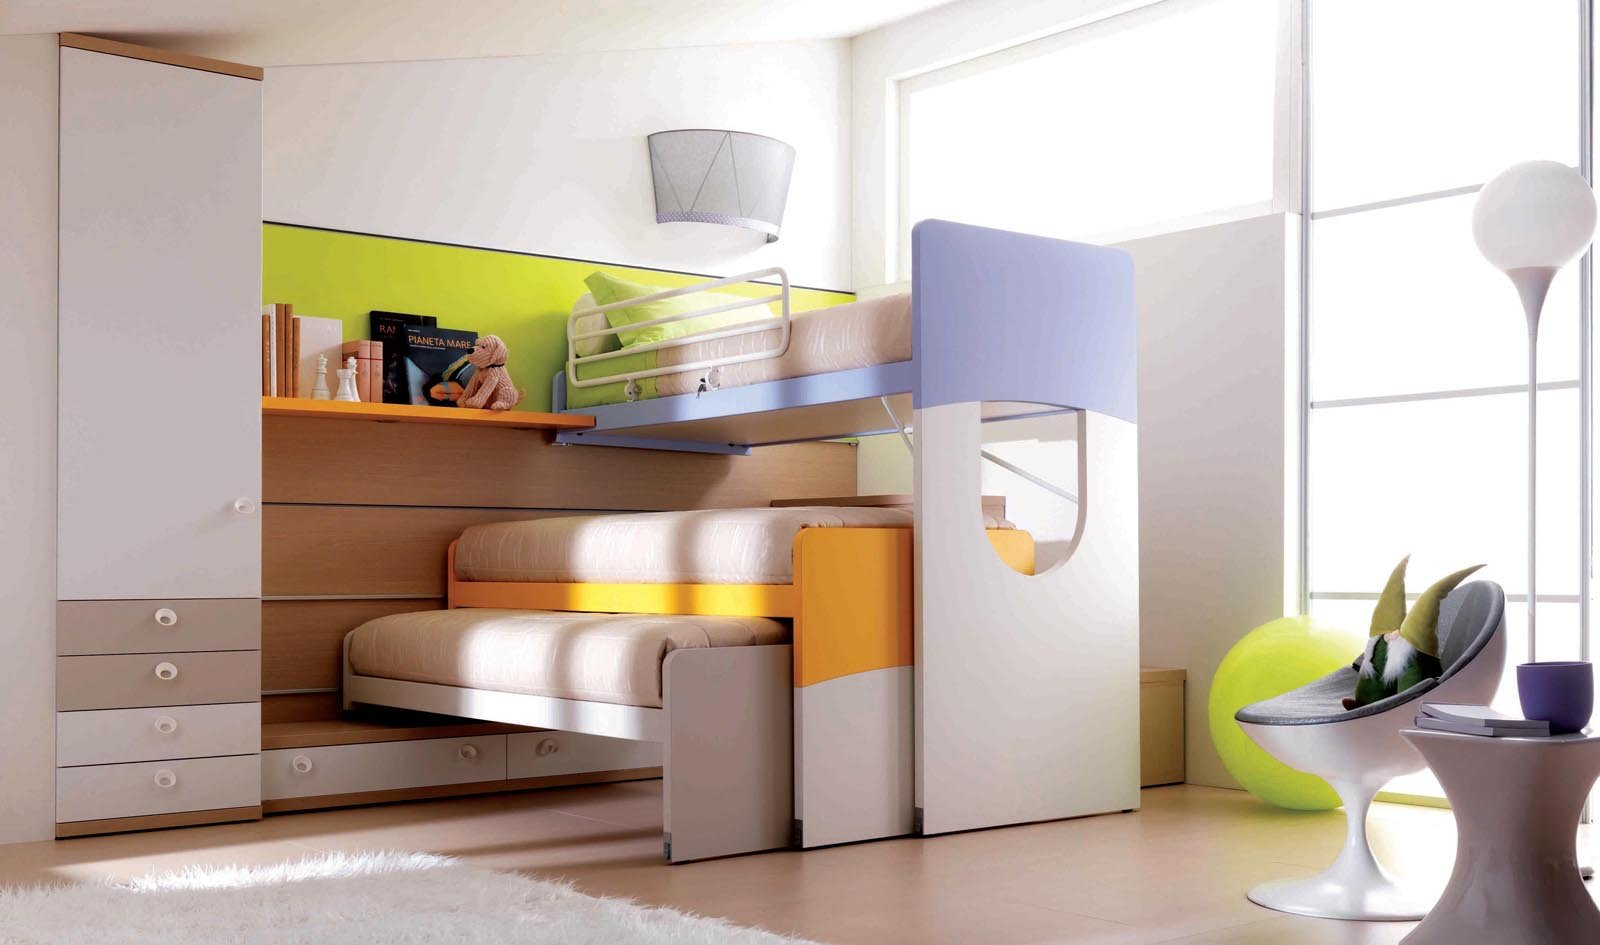 Idee arredo camera letto : idee arredare camera letto. idee arredo ...